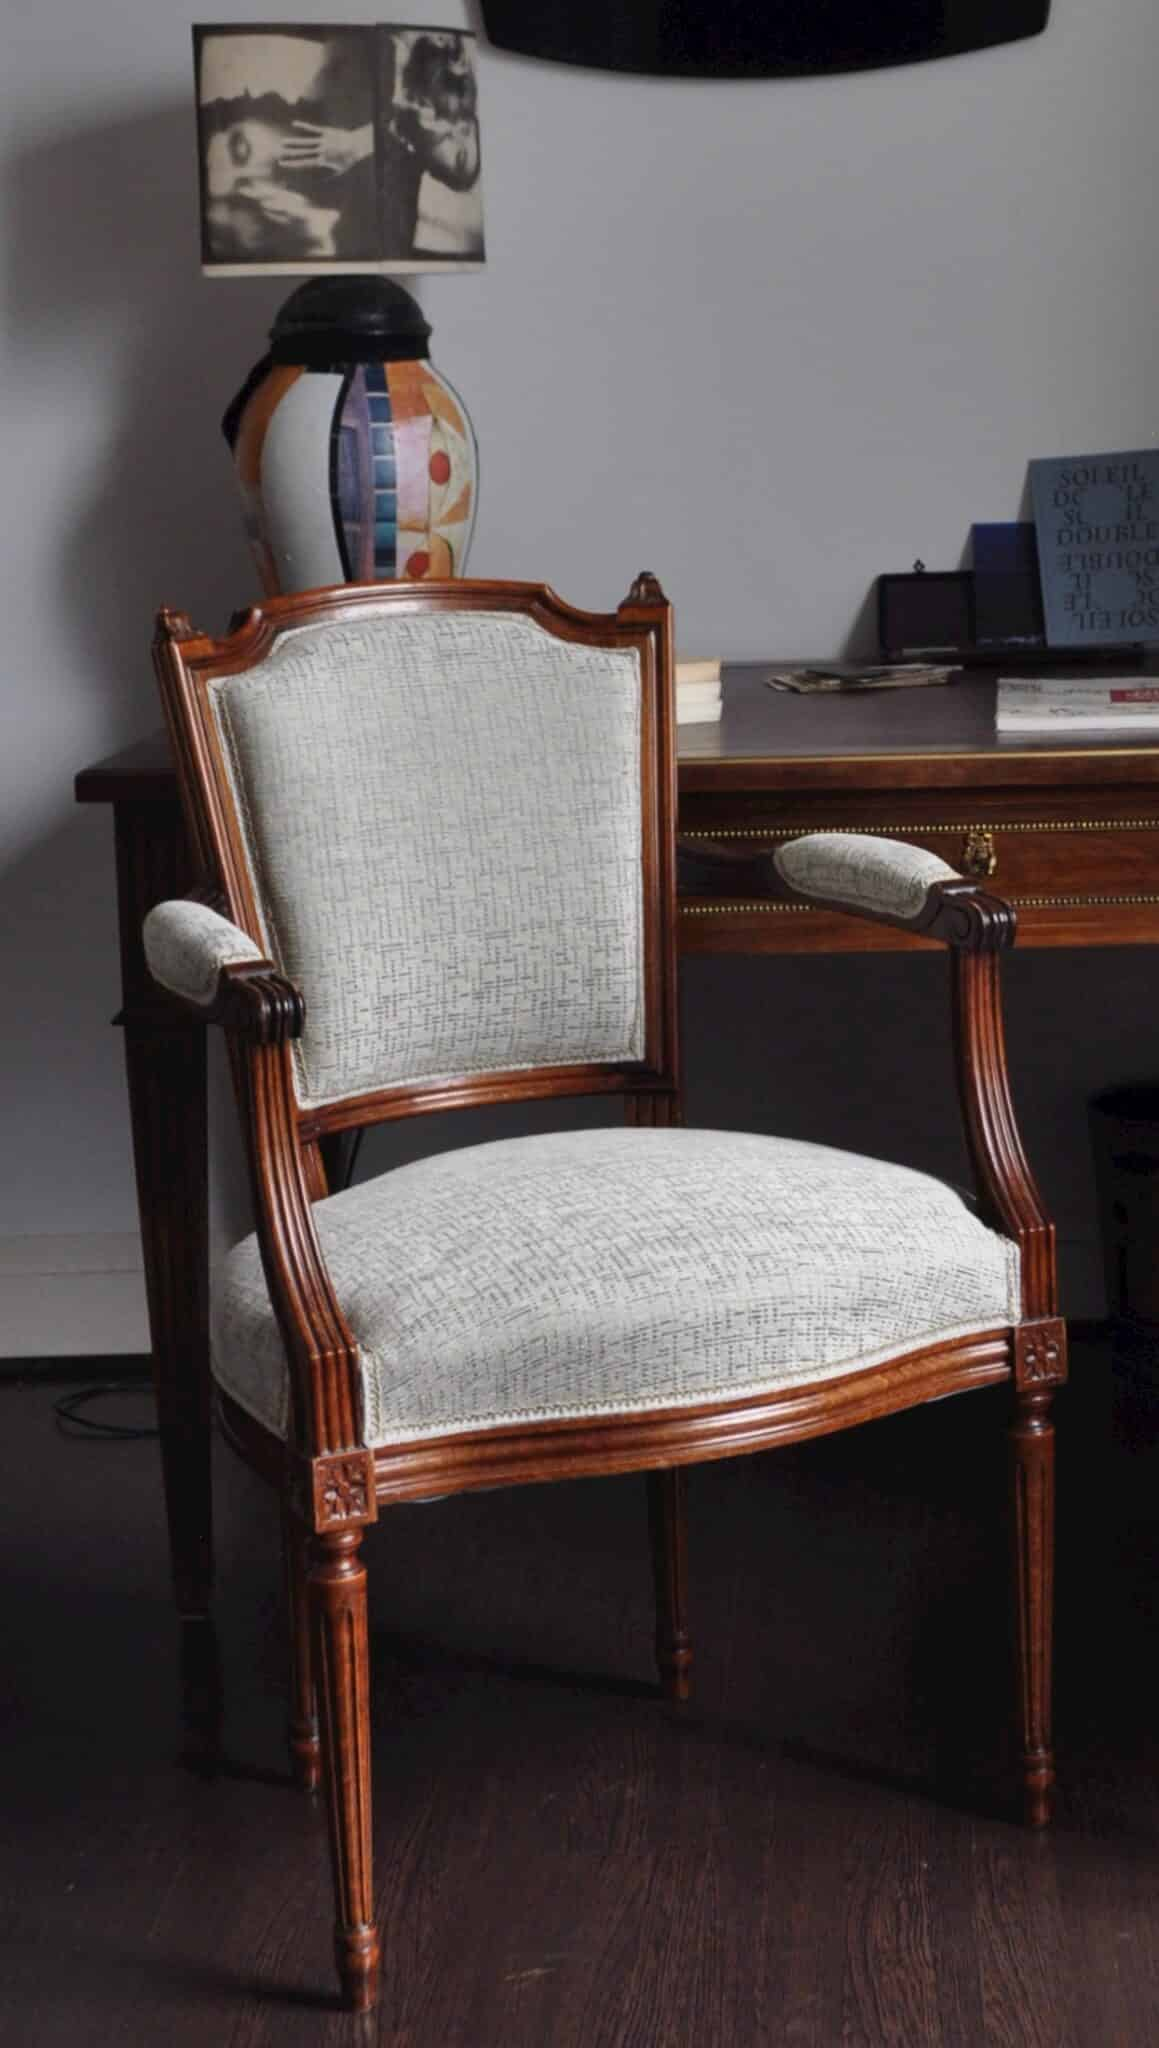 Refaire Un Fauteuil Louis Xvi réfection d'un fauteuil cabriolet d'époque louis xvi